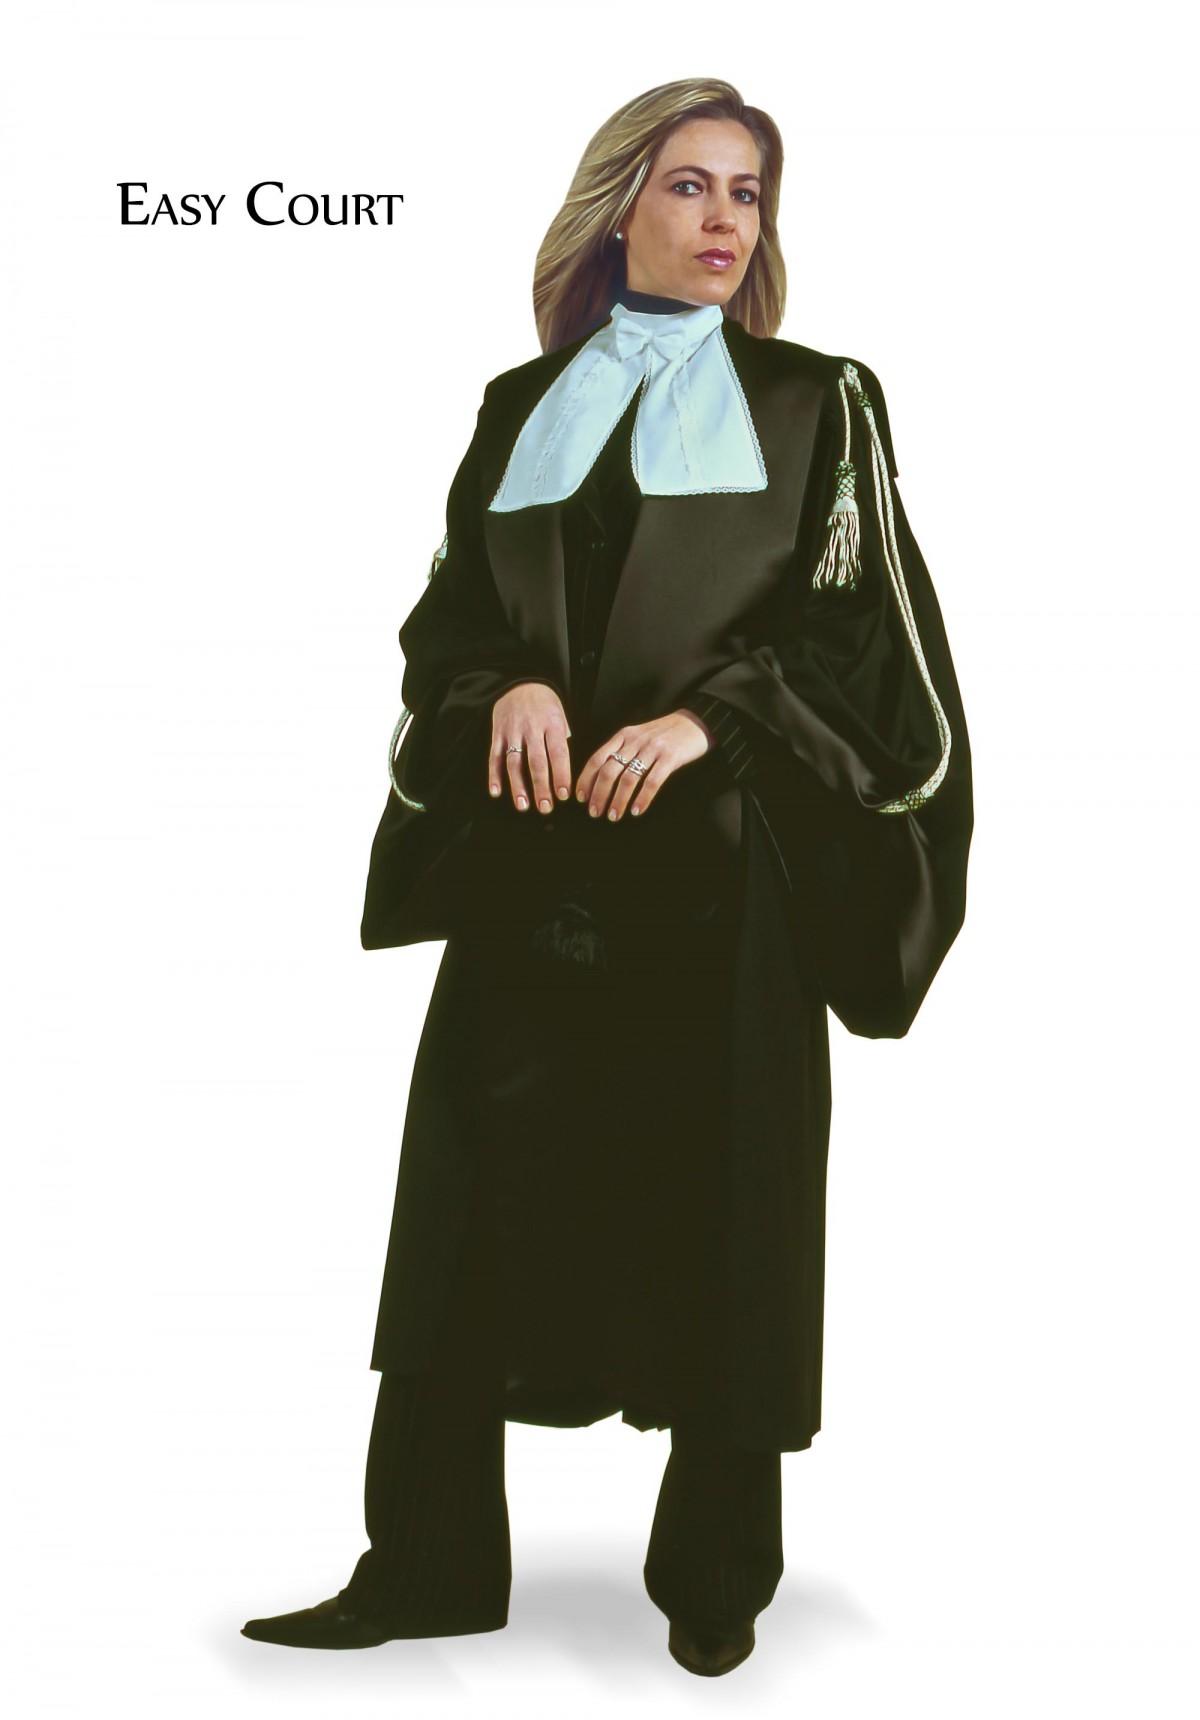 TOGA AVVOCATO DONNA EASY COURT TESSUTO TELA MISTO LANA